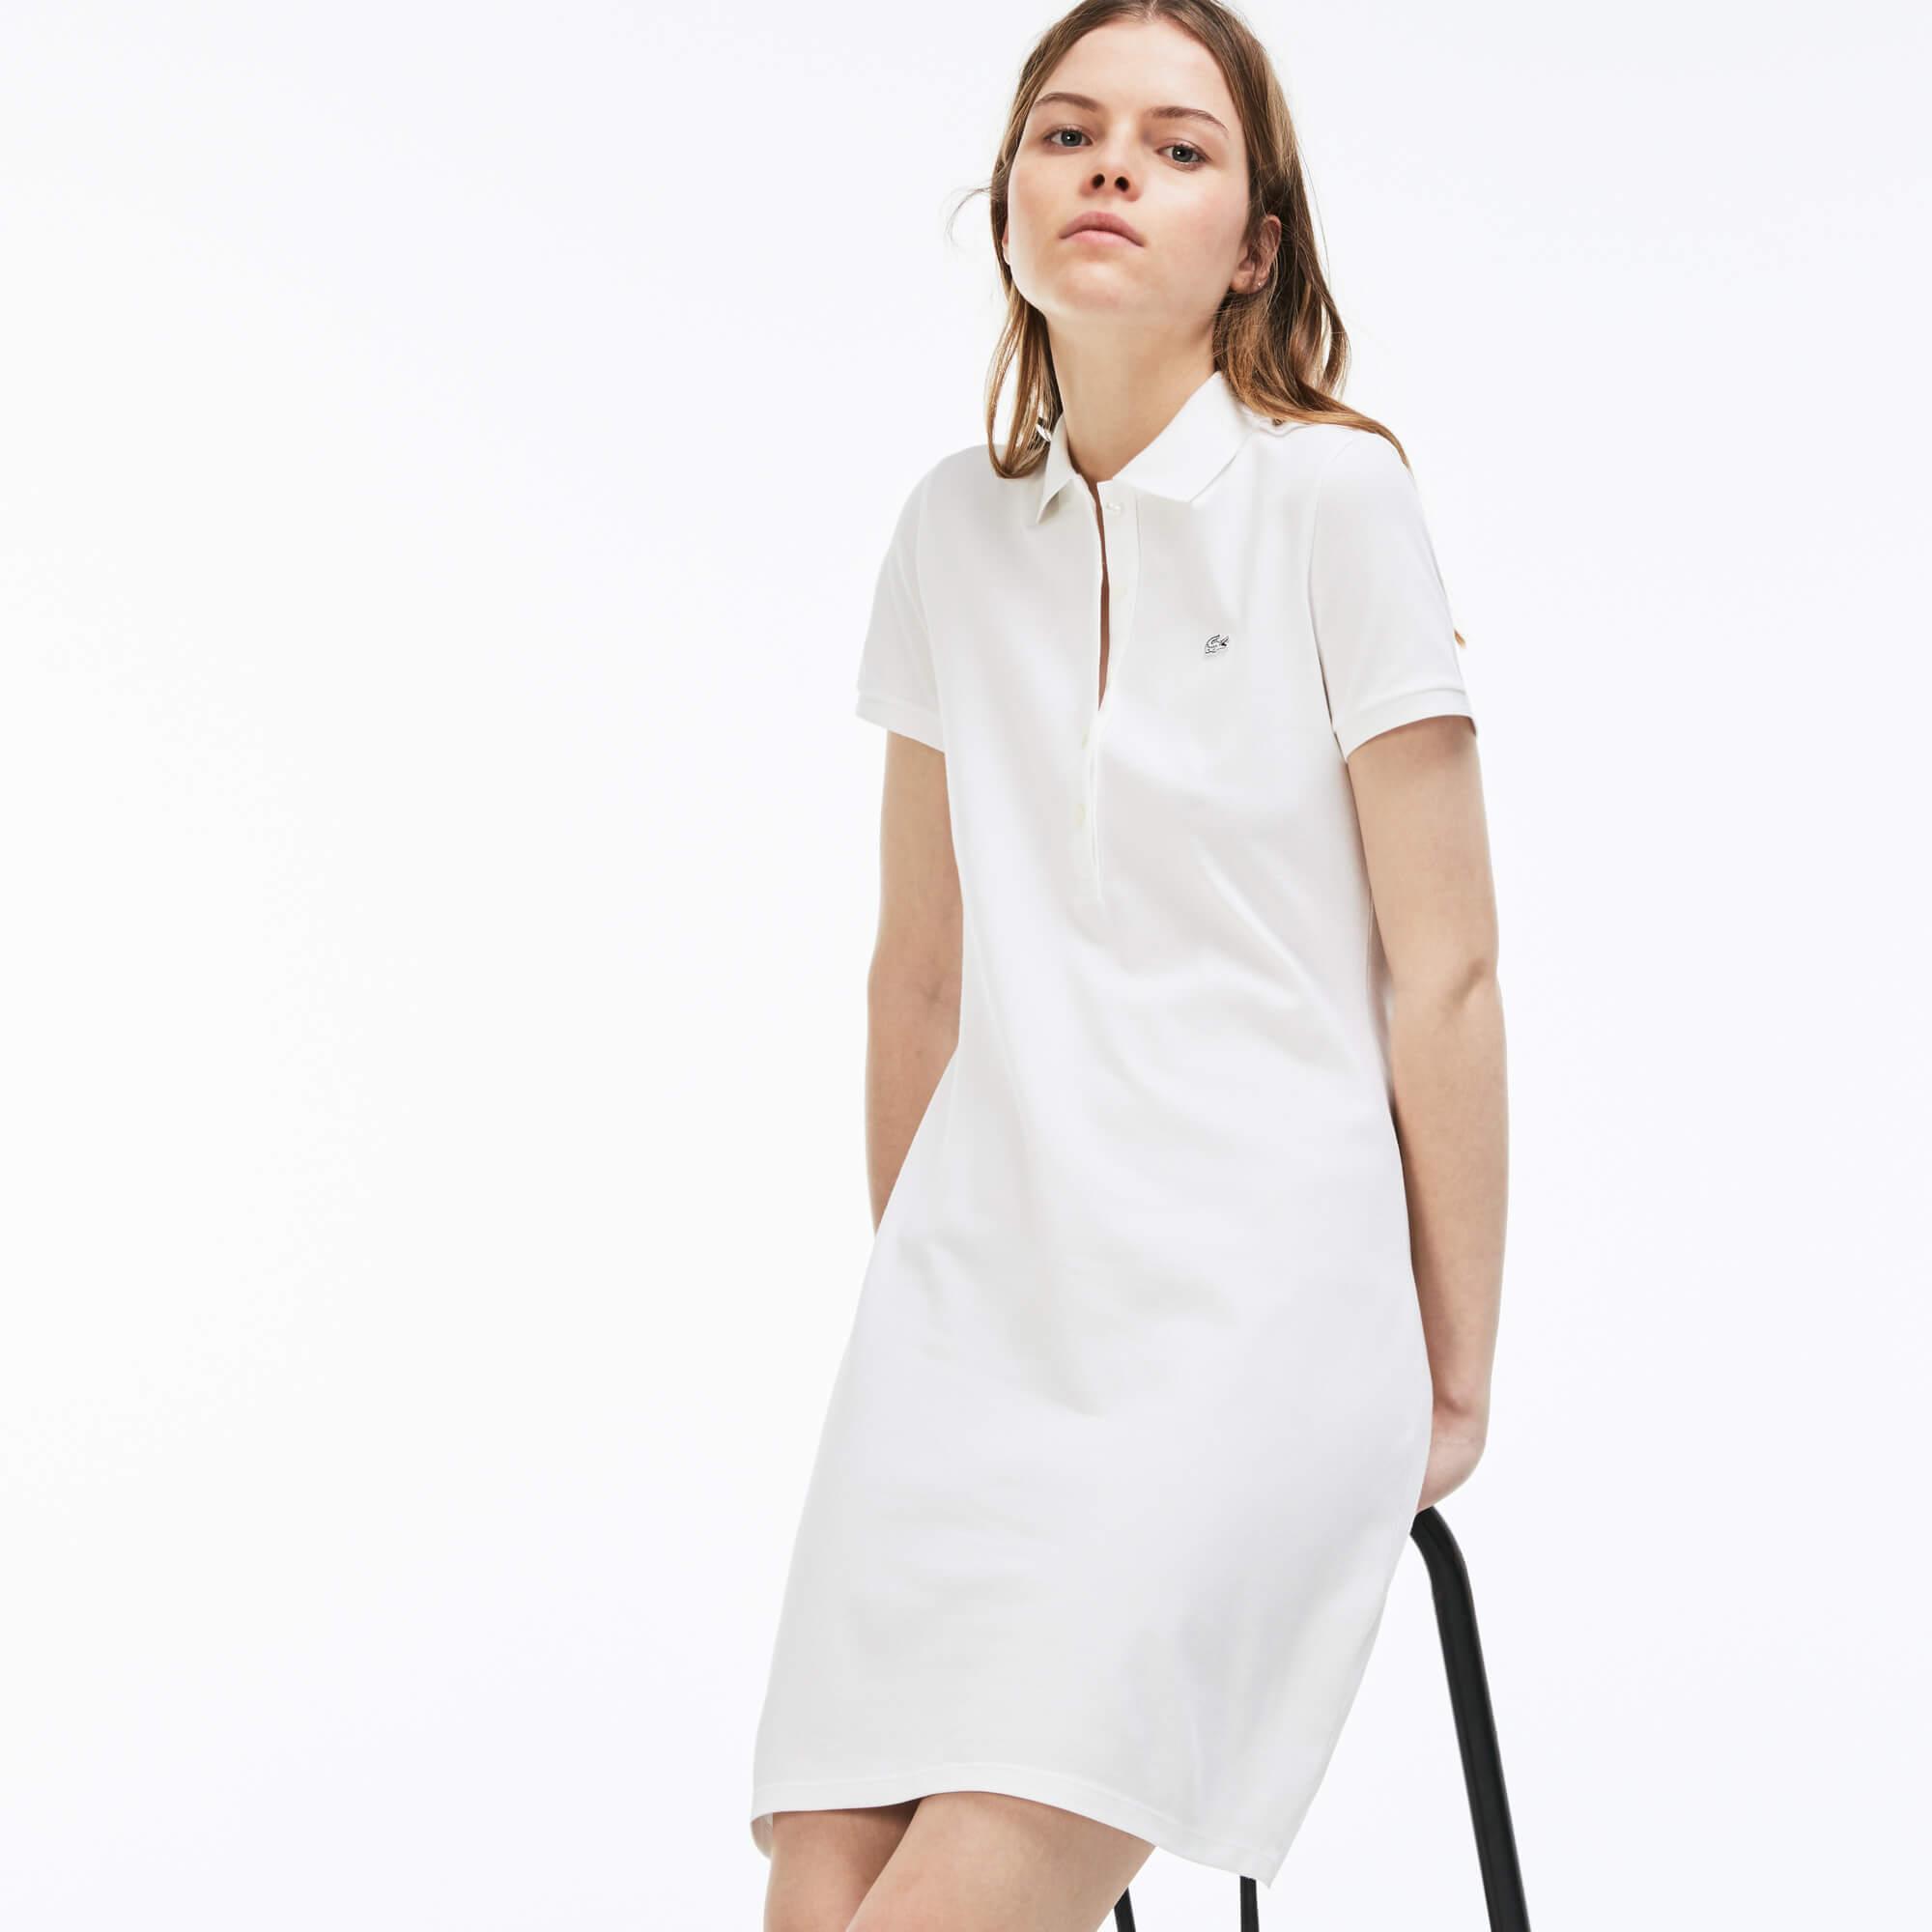 Lacoste Kadın Slim Fit Polo Yaka Beyaz Elbise